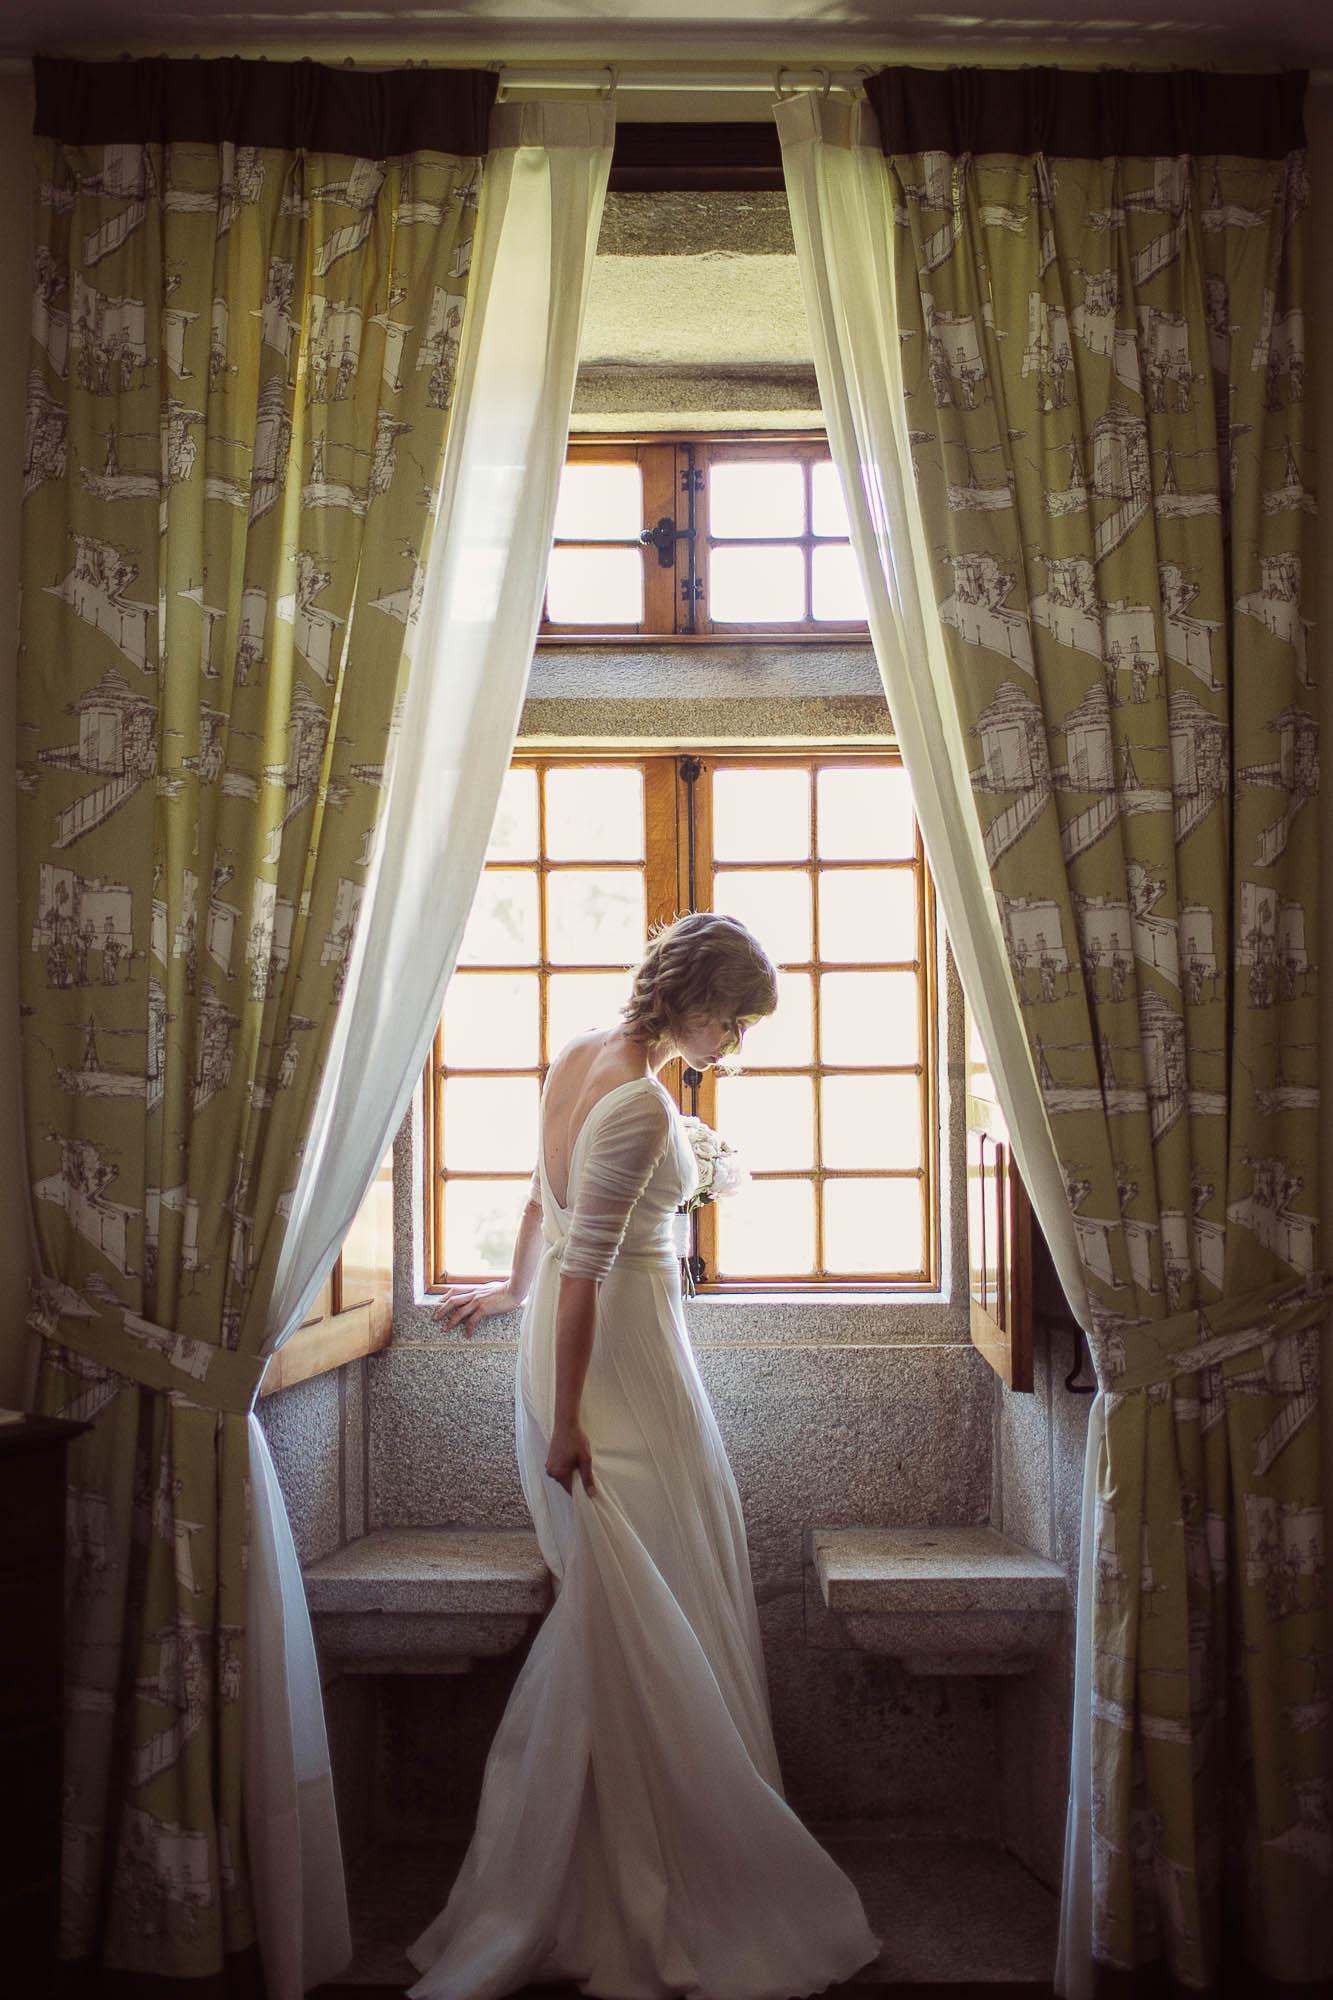 La novia, lista para salir, delante de la ventana con el ramo